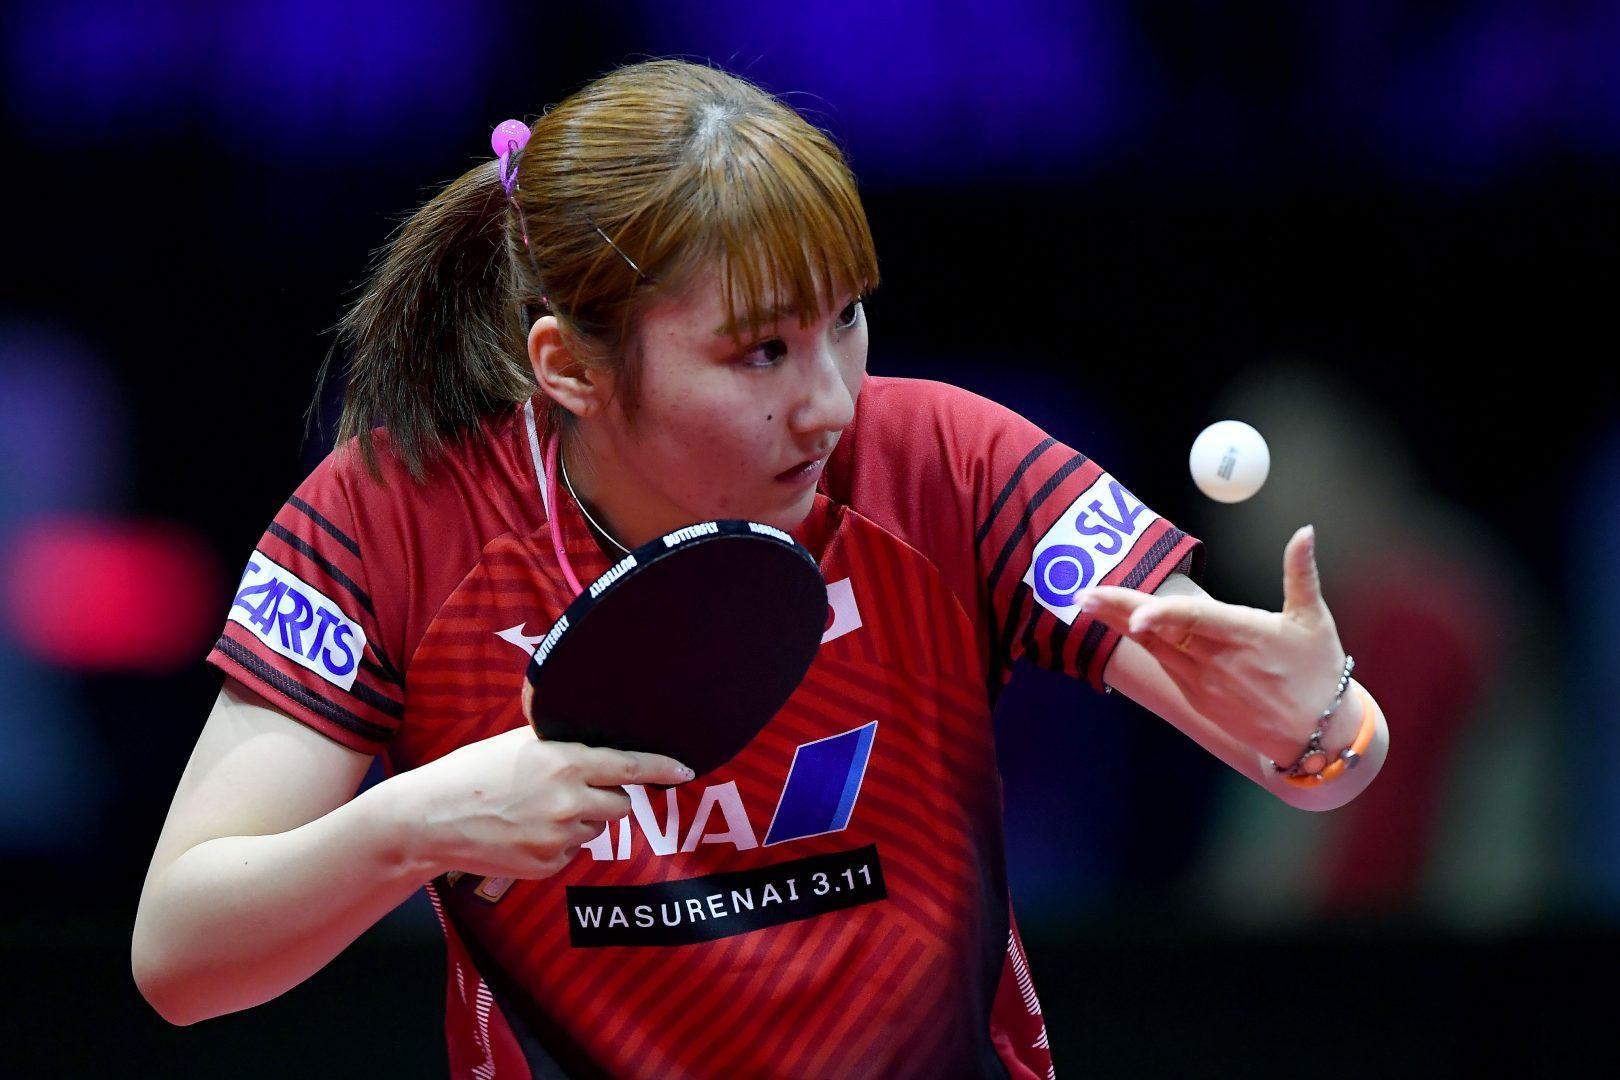 【卓球】世界卓球ベスト8の加藤美優が感謝のメッセージ 「この経験を糧に」